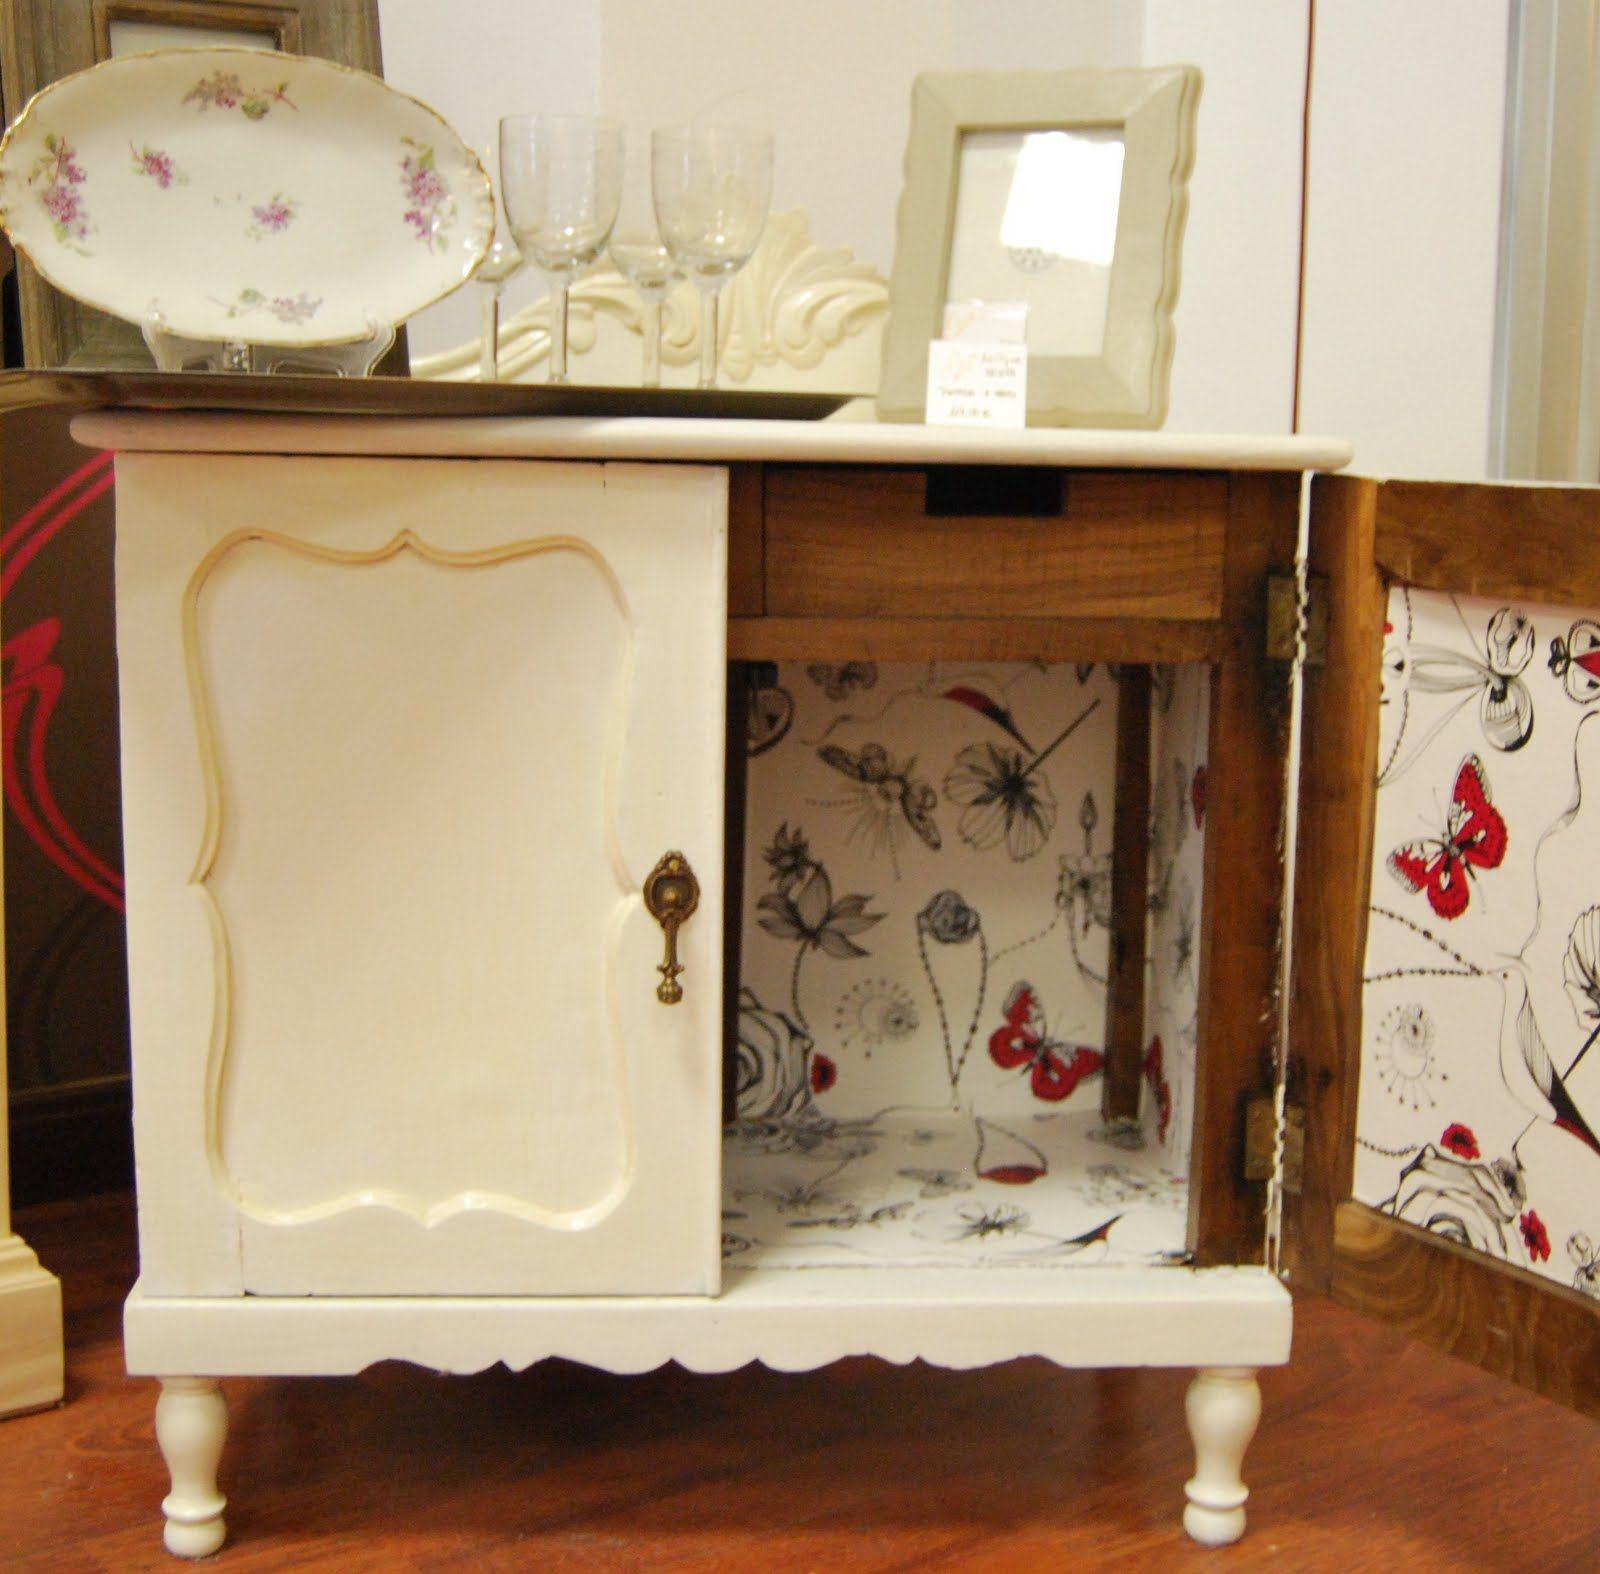 Muebles reciclados con papel pintado | Muebles reciclados, Reciclado ...